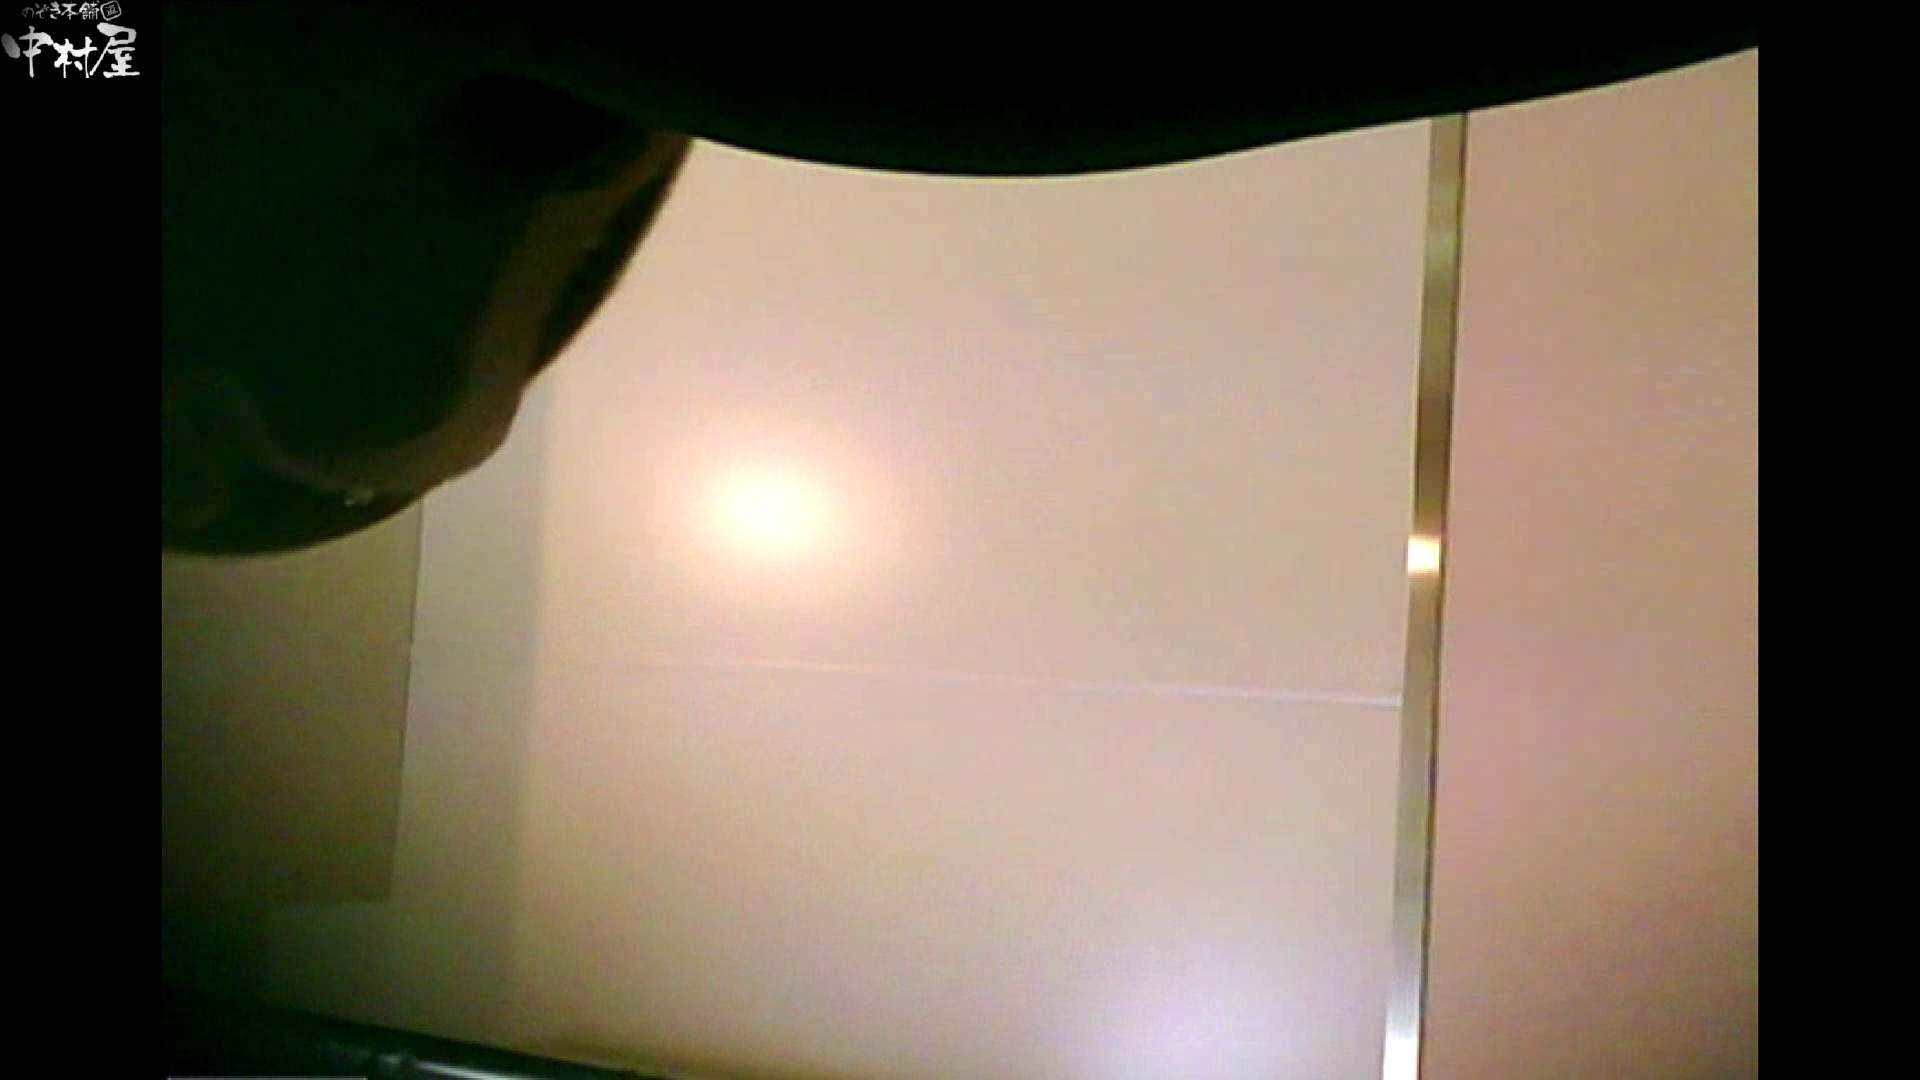 三つ目で盗撮 vol.44 無料オマンコ セックス無修正動画無料 92PICs 28